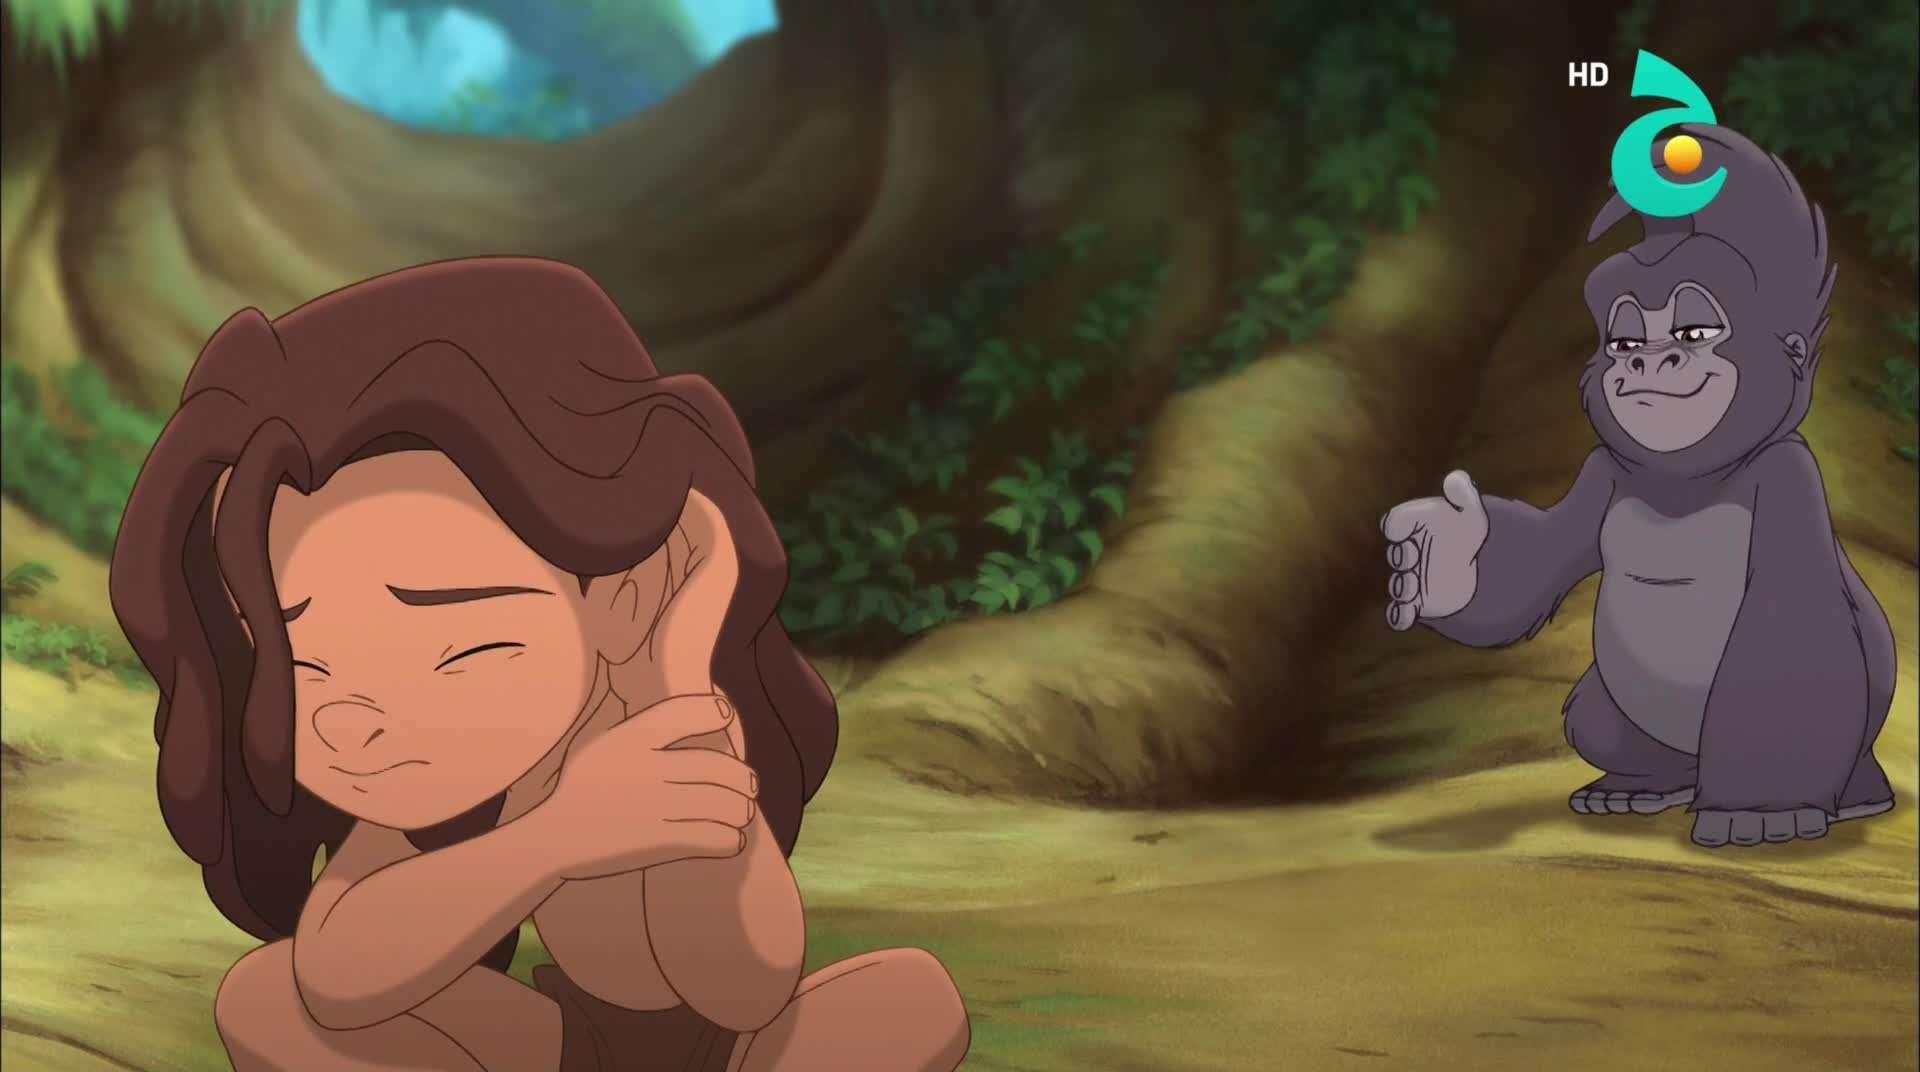 طرزان الجزء الثاني Tarzan II (2005) HDTV 1080p تحميل تورنت 3 arabp2p.com